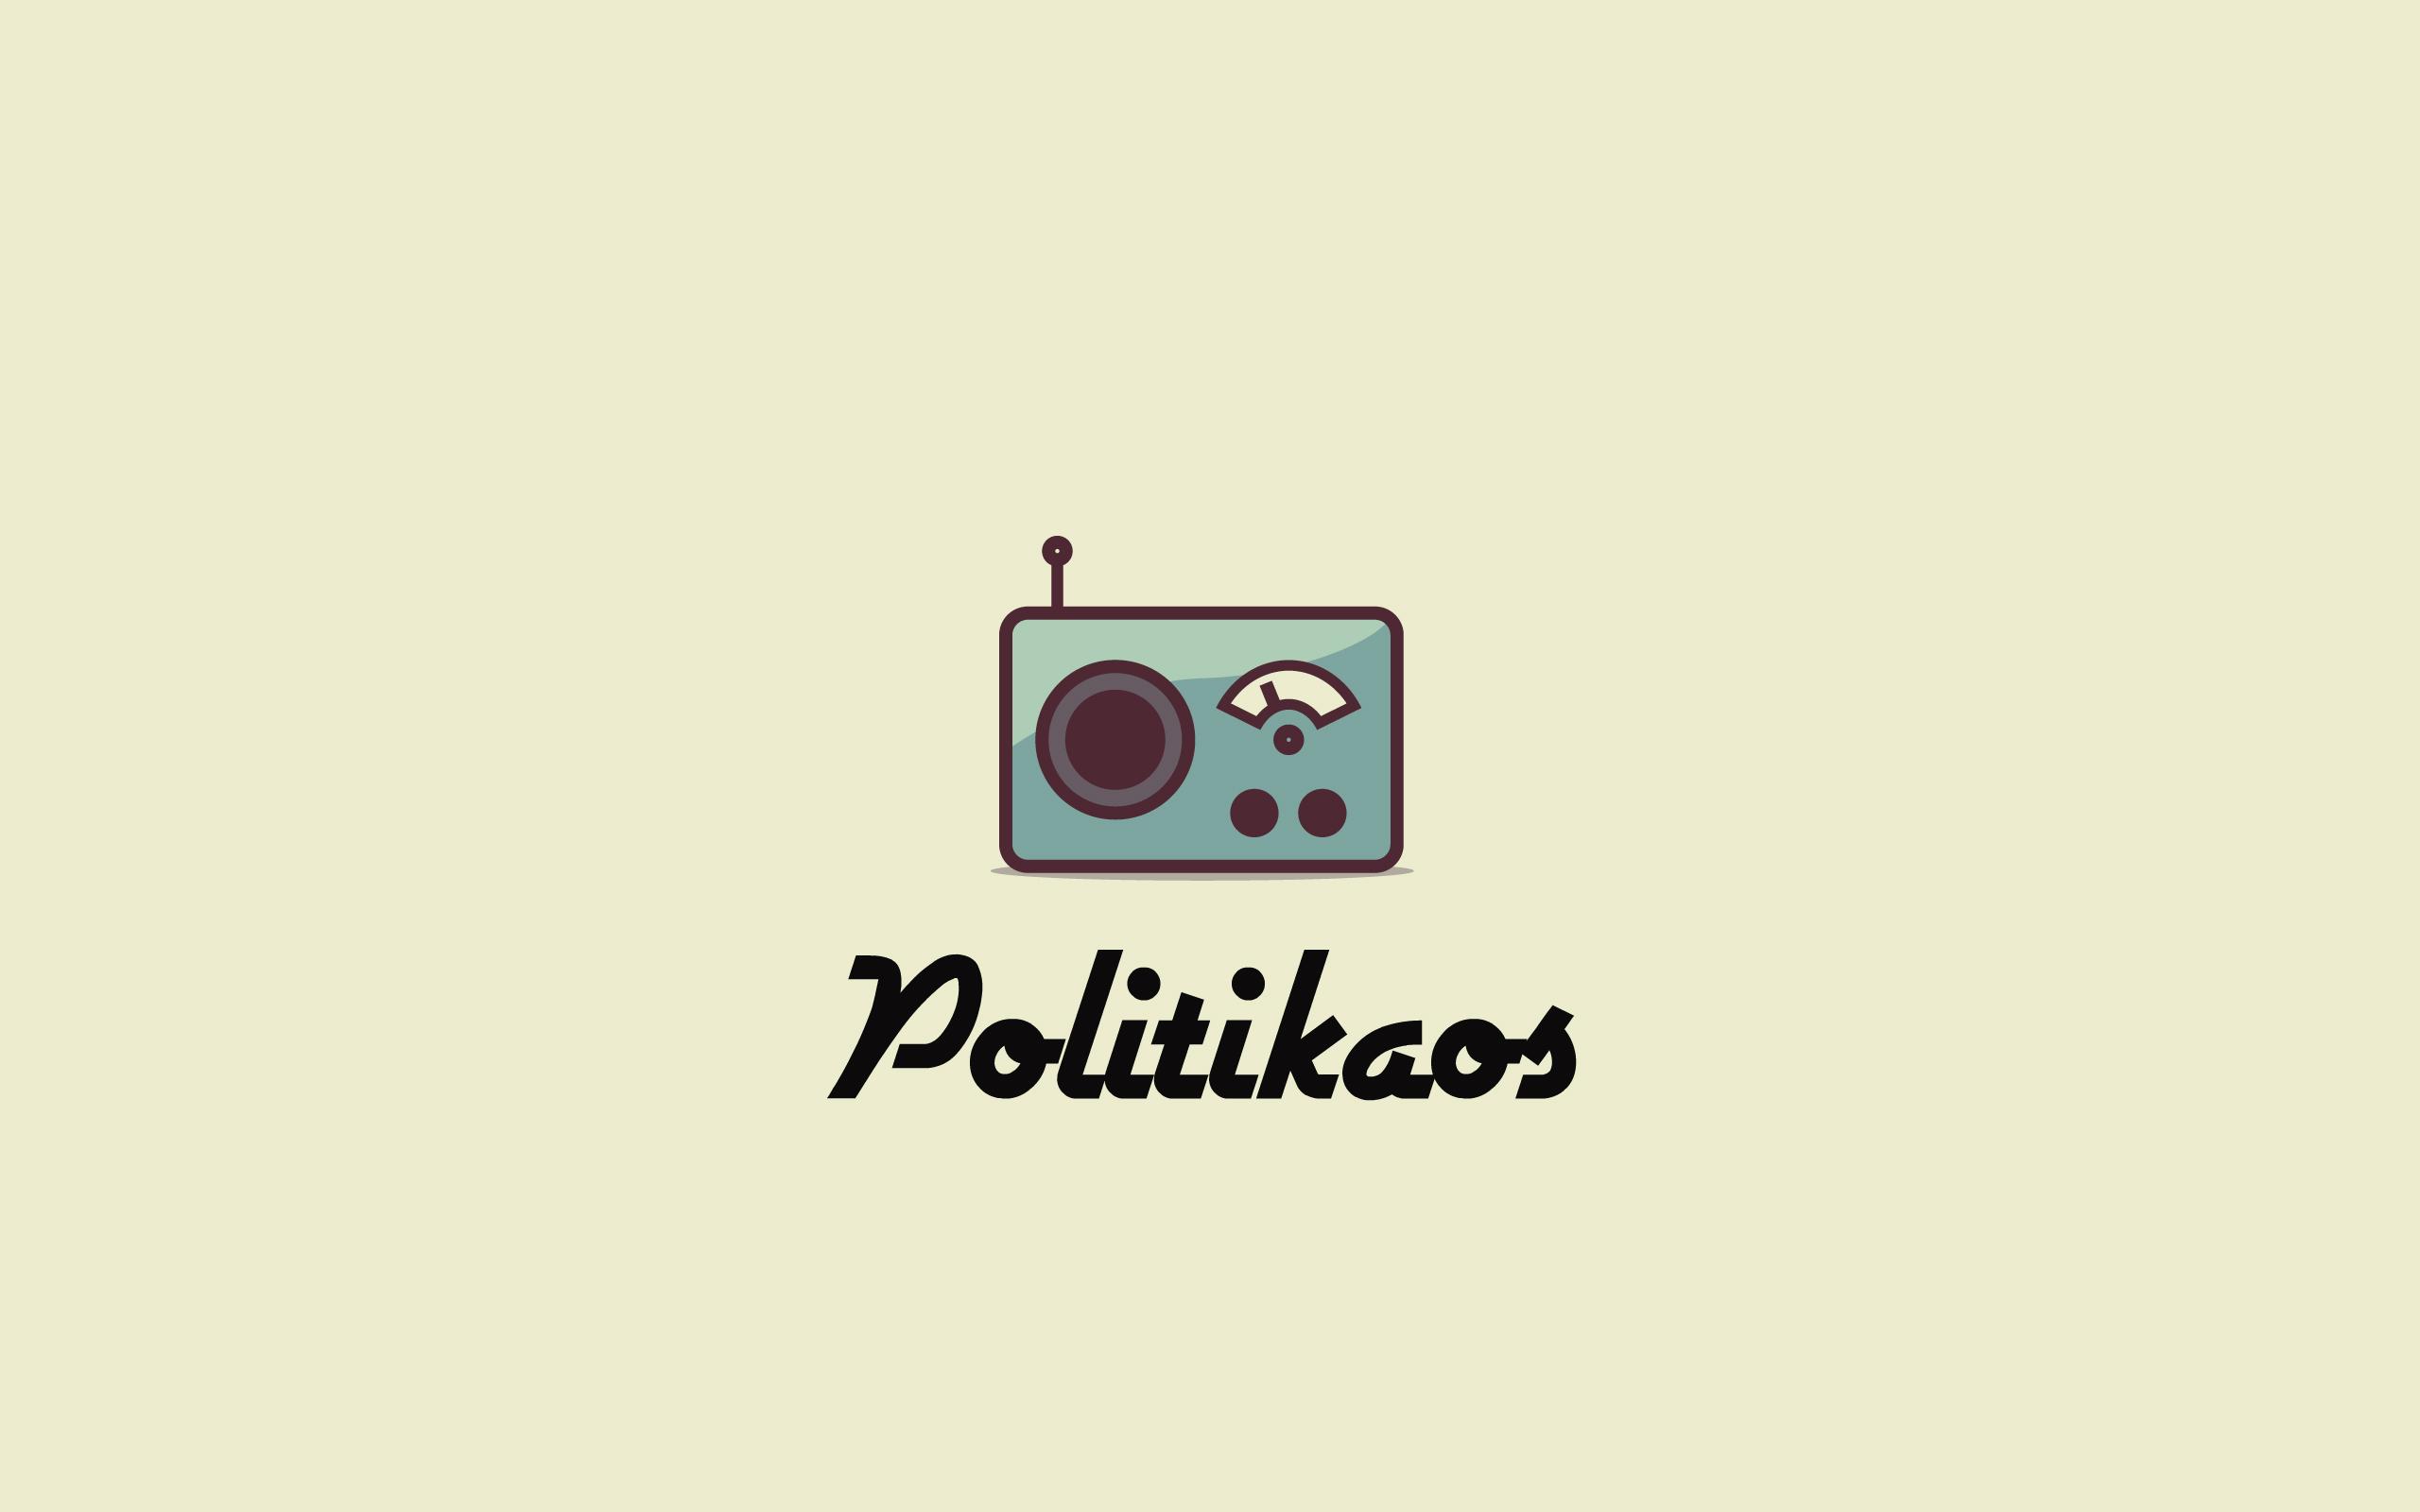 politikaos